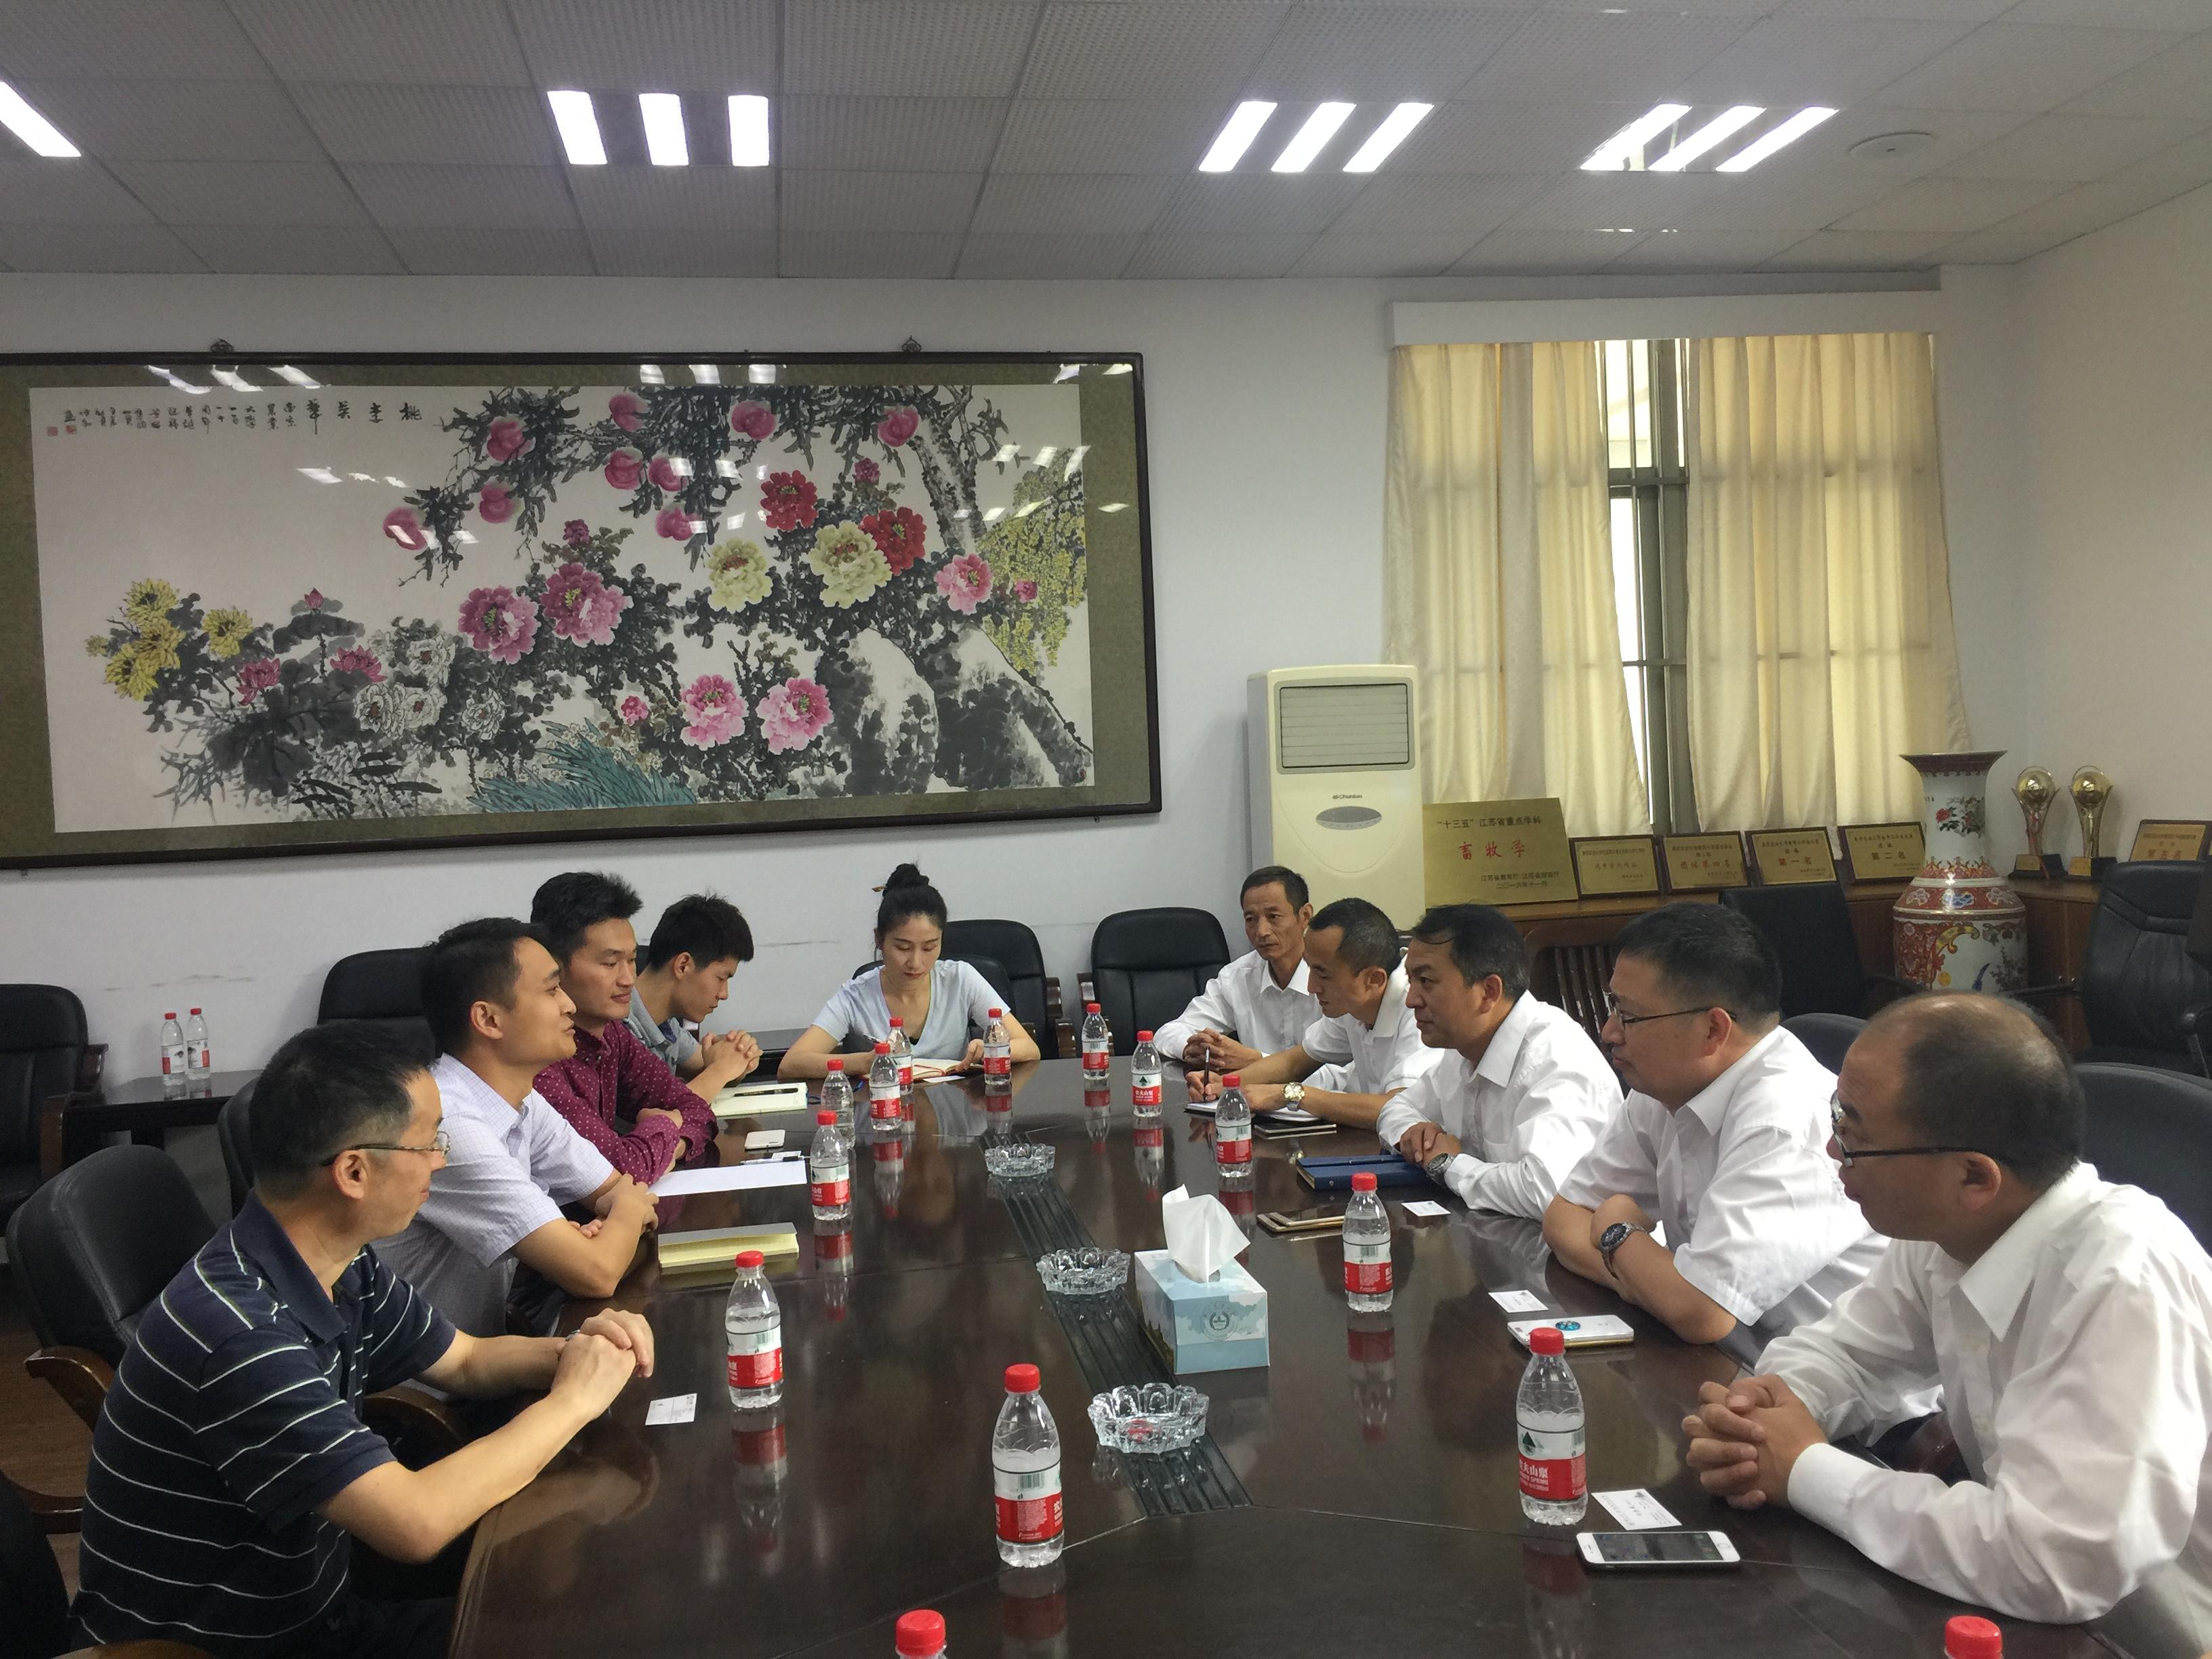 学院党委副书记刘志斌,石放雄教授,颜培实教授,李延森副教授,辅导员